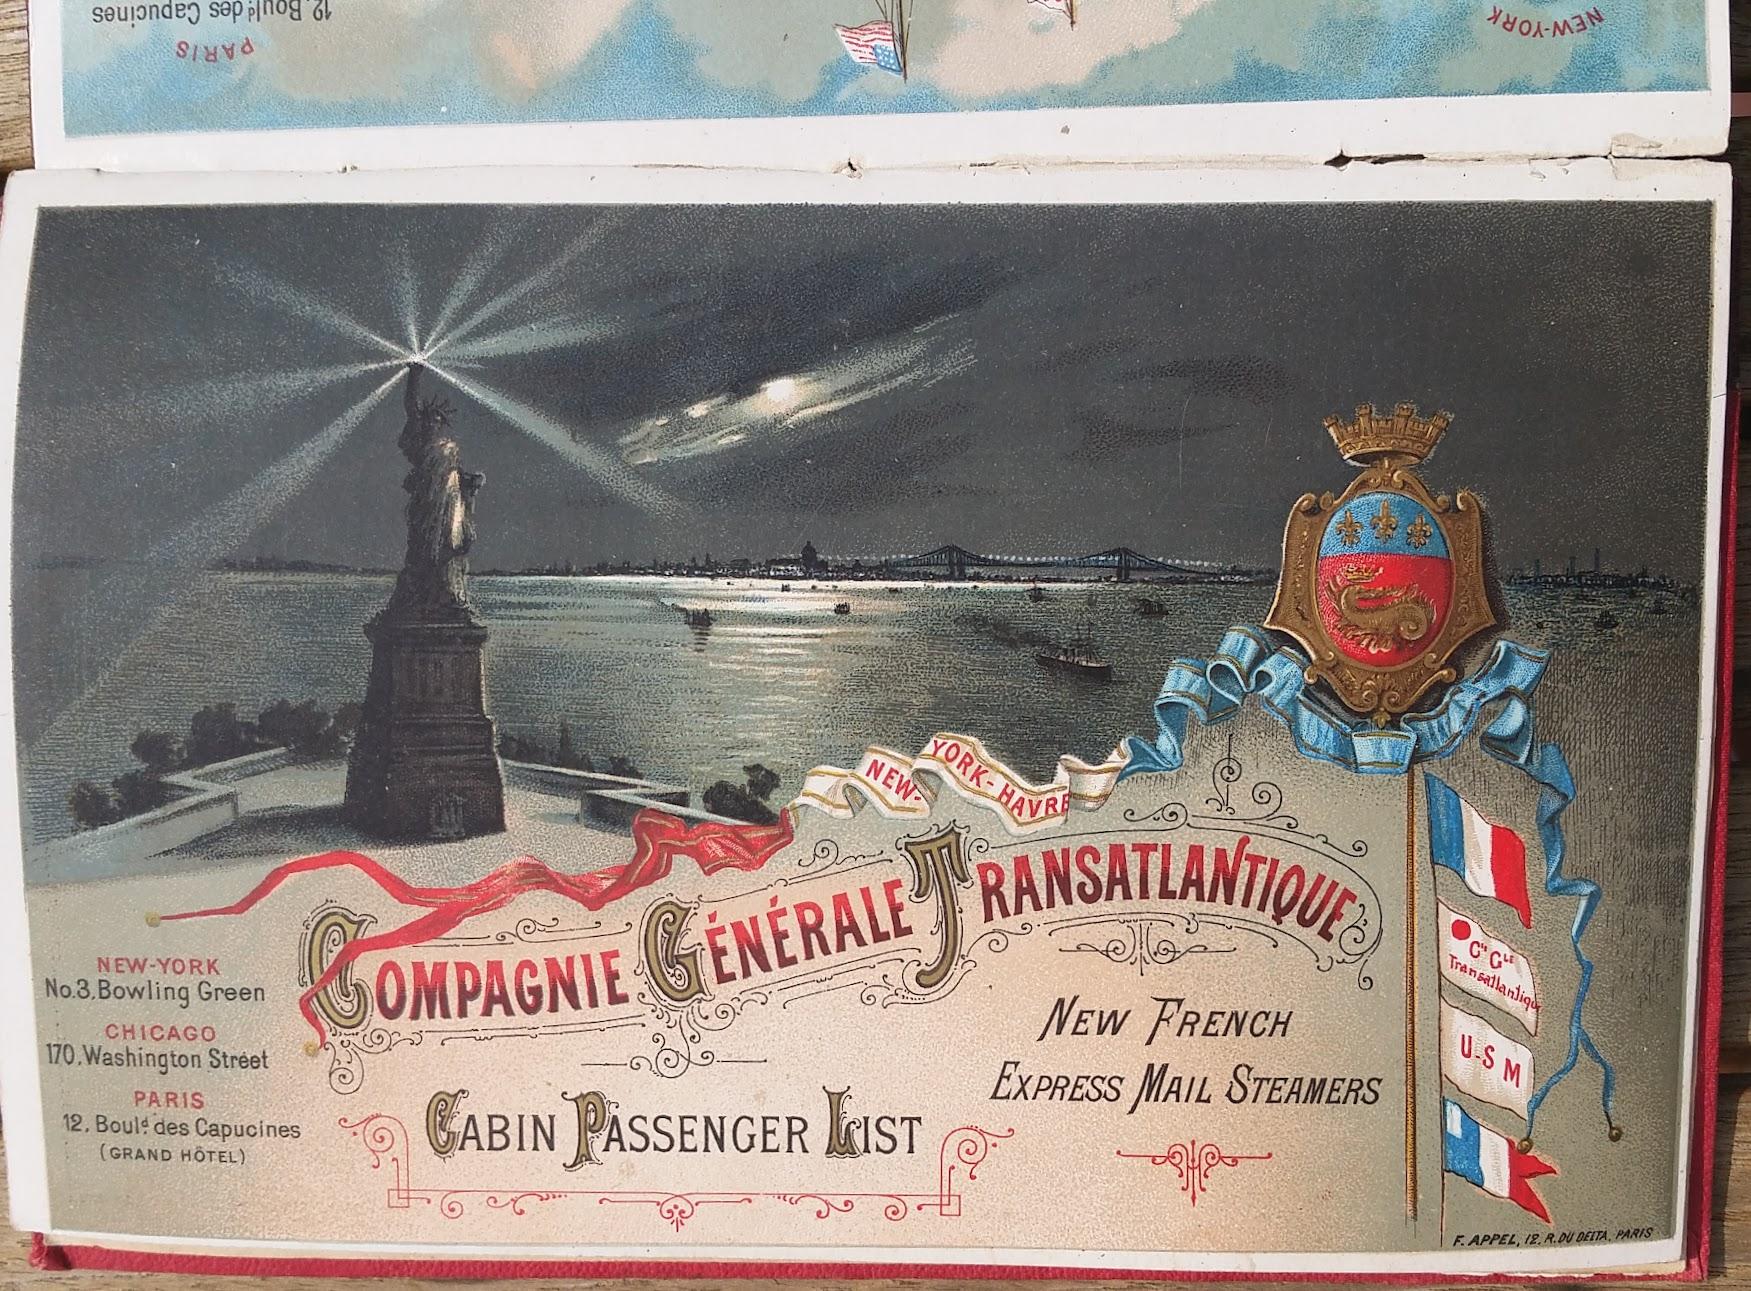 Compagnie Generale Transatlantique, New York - Le Havre - Paris, Passagierliste 1890